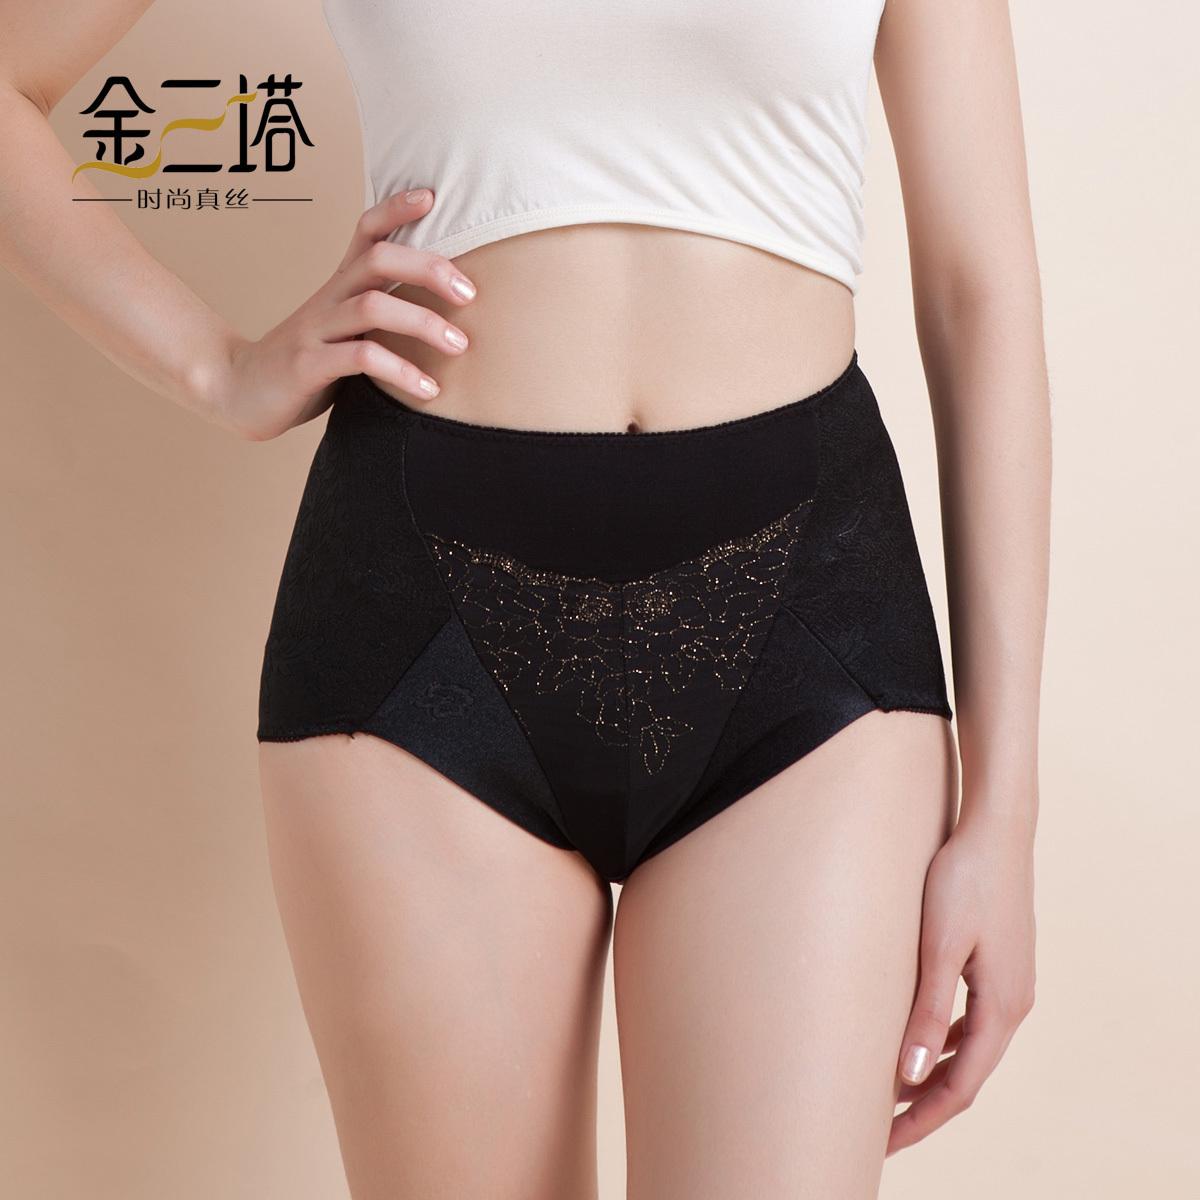 Female silk spandex jacquard laciness body shaping panties womens panties underwear